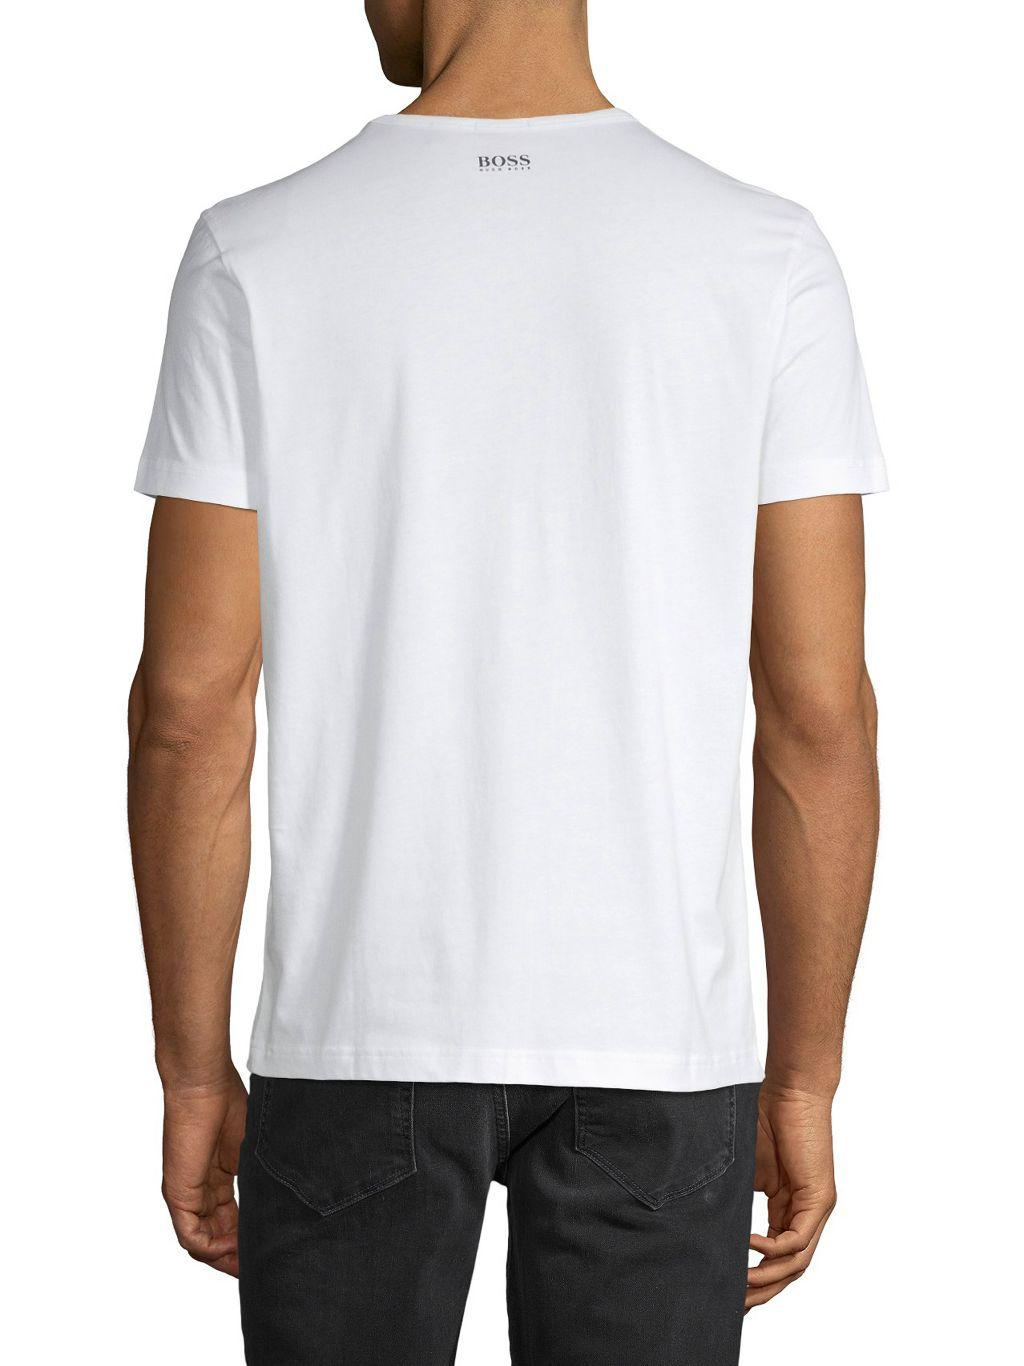 Boss Hugo Boss Cuts Logo T-Shirt